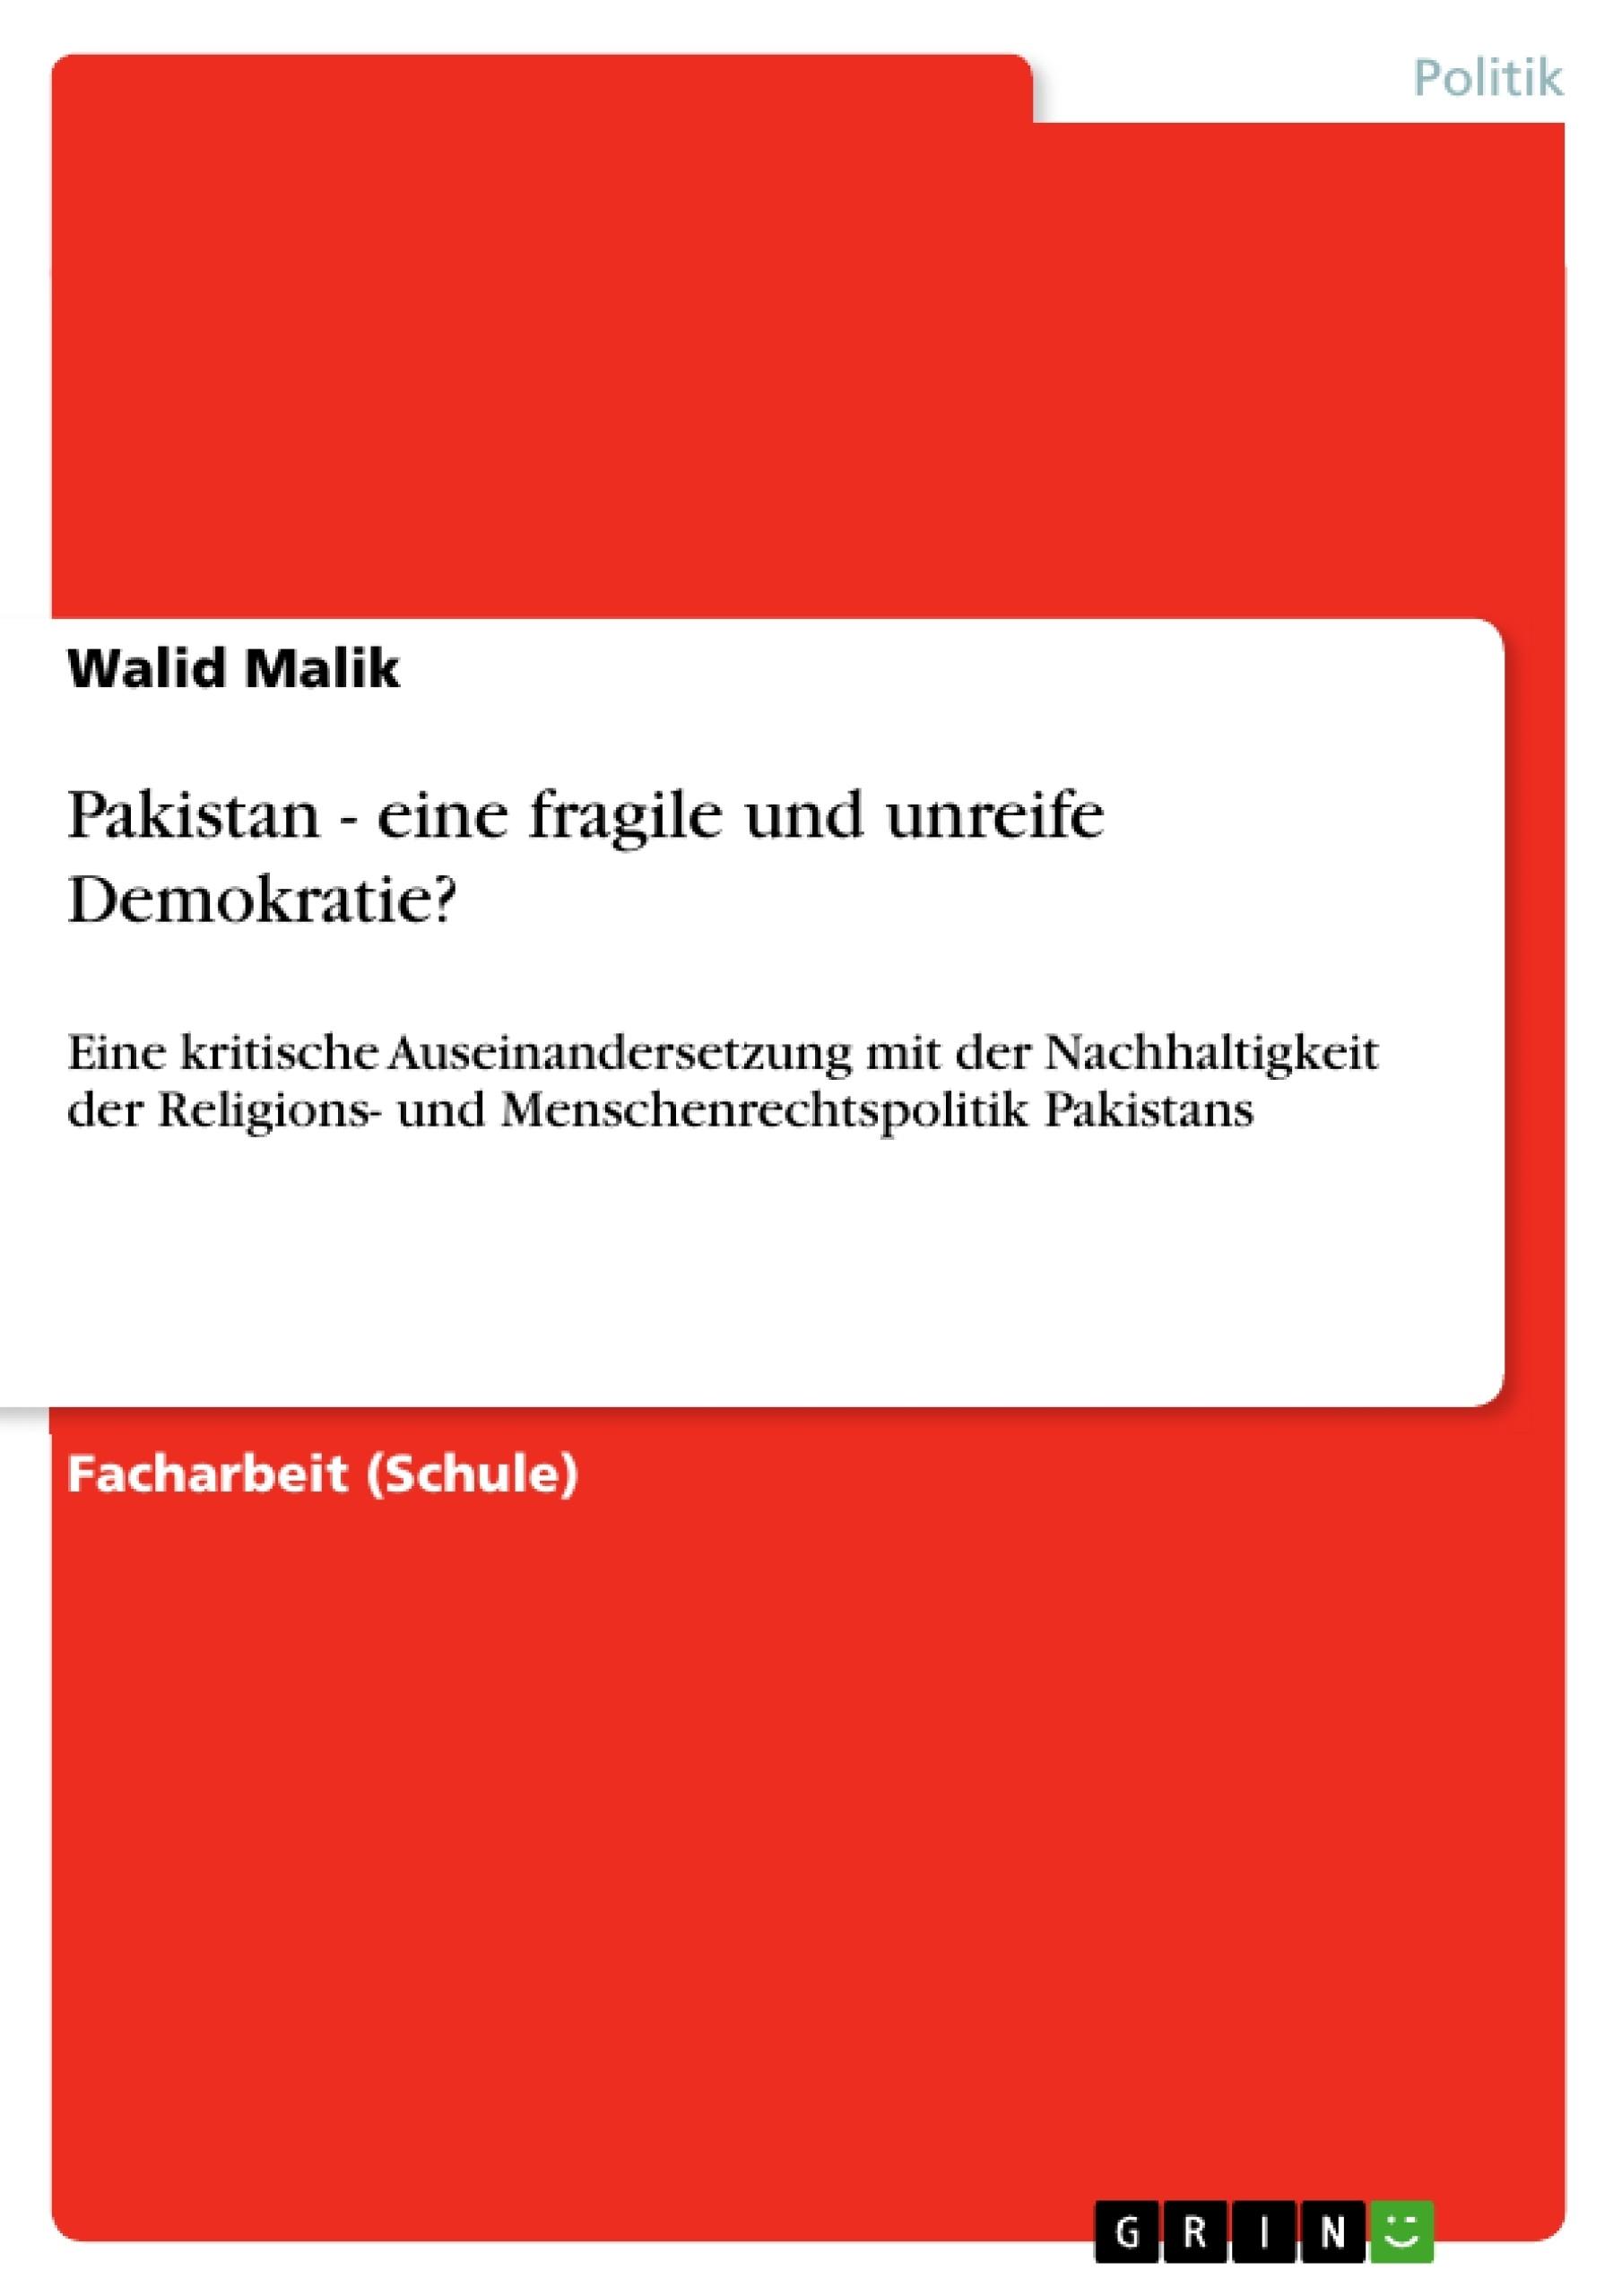 Titel: Pakistan - eine fragile und unreife Demokratie?